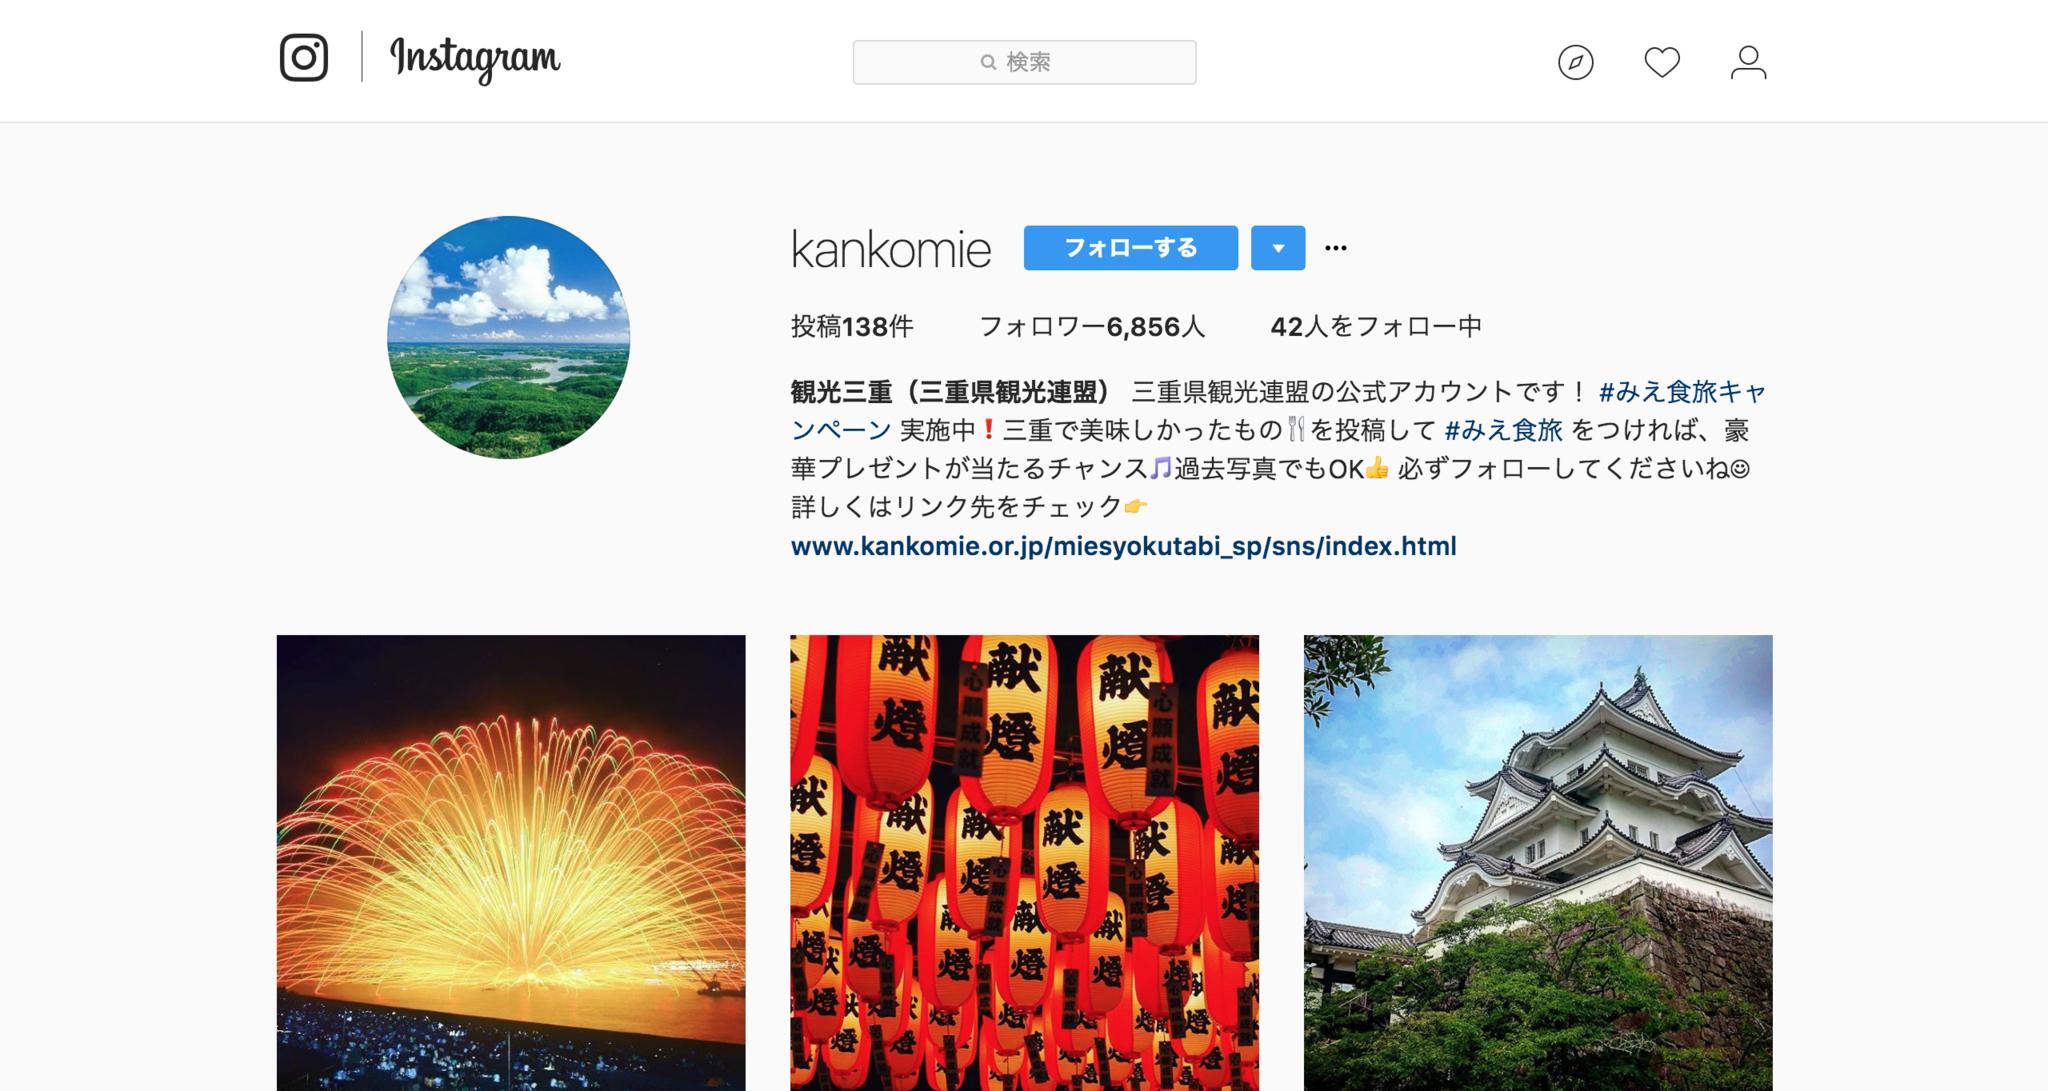 観光三重(三重県観光連盟)さん__kankomie__•_Instagram写真と動画.png